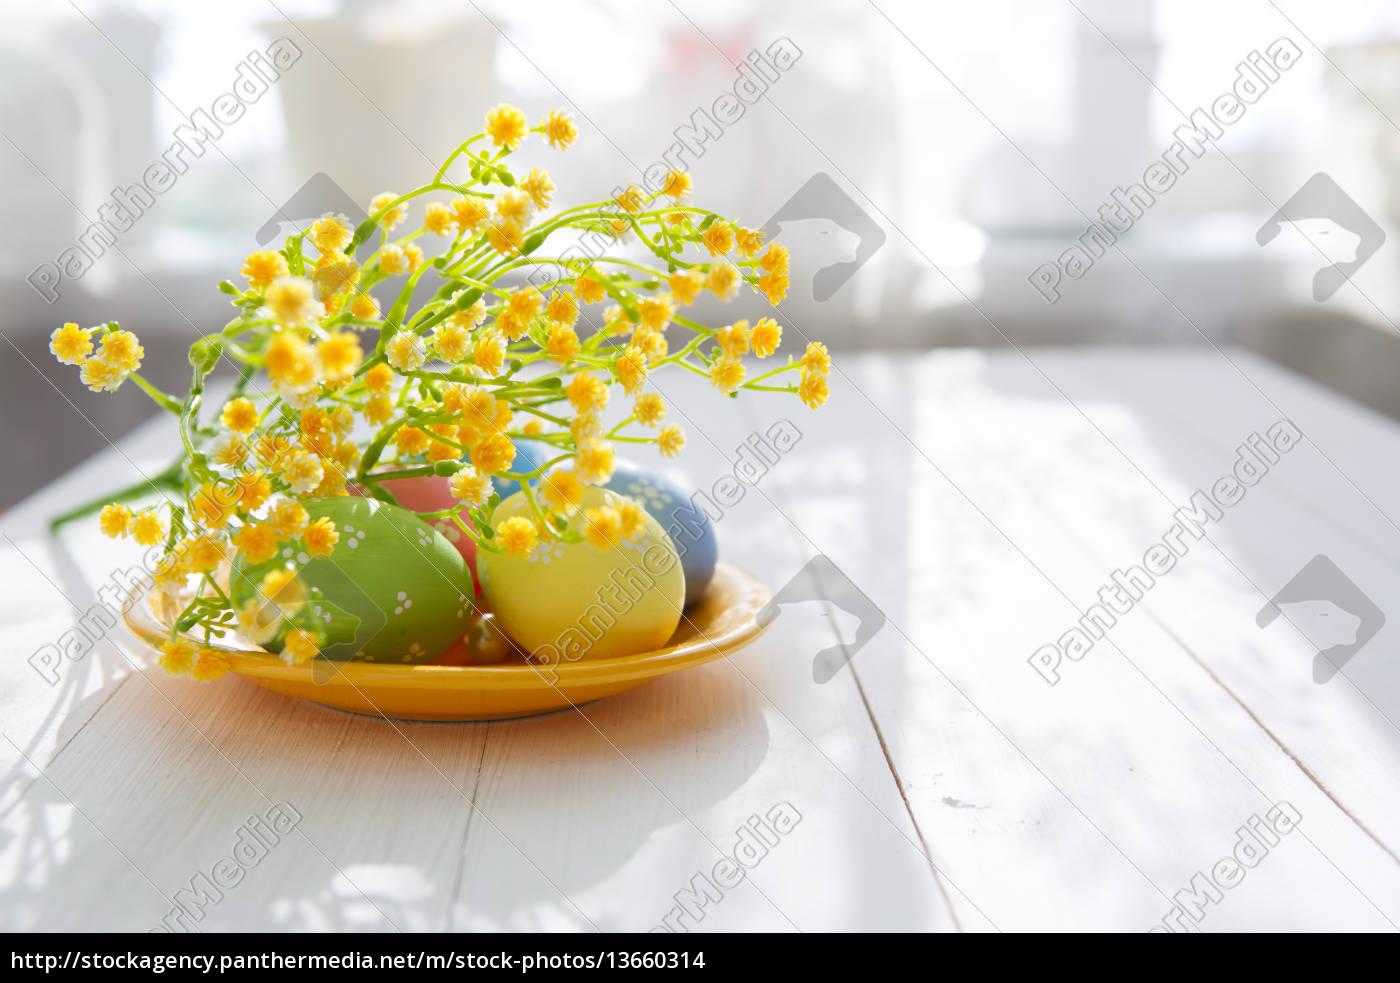 easter, eggs - 13660314